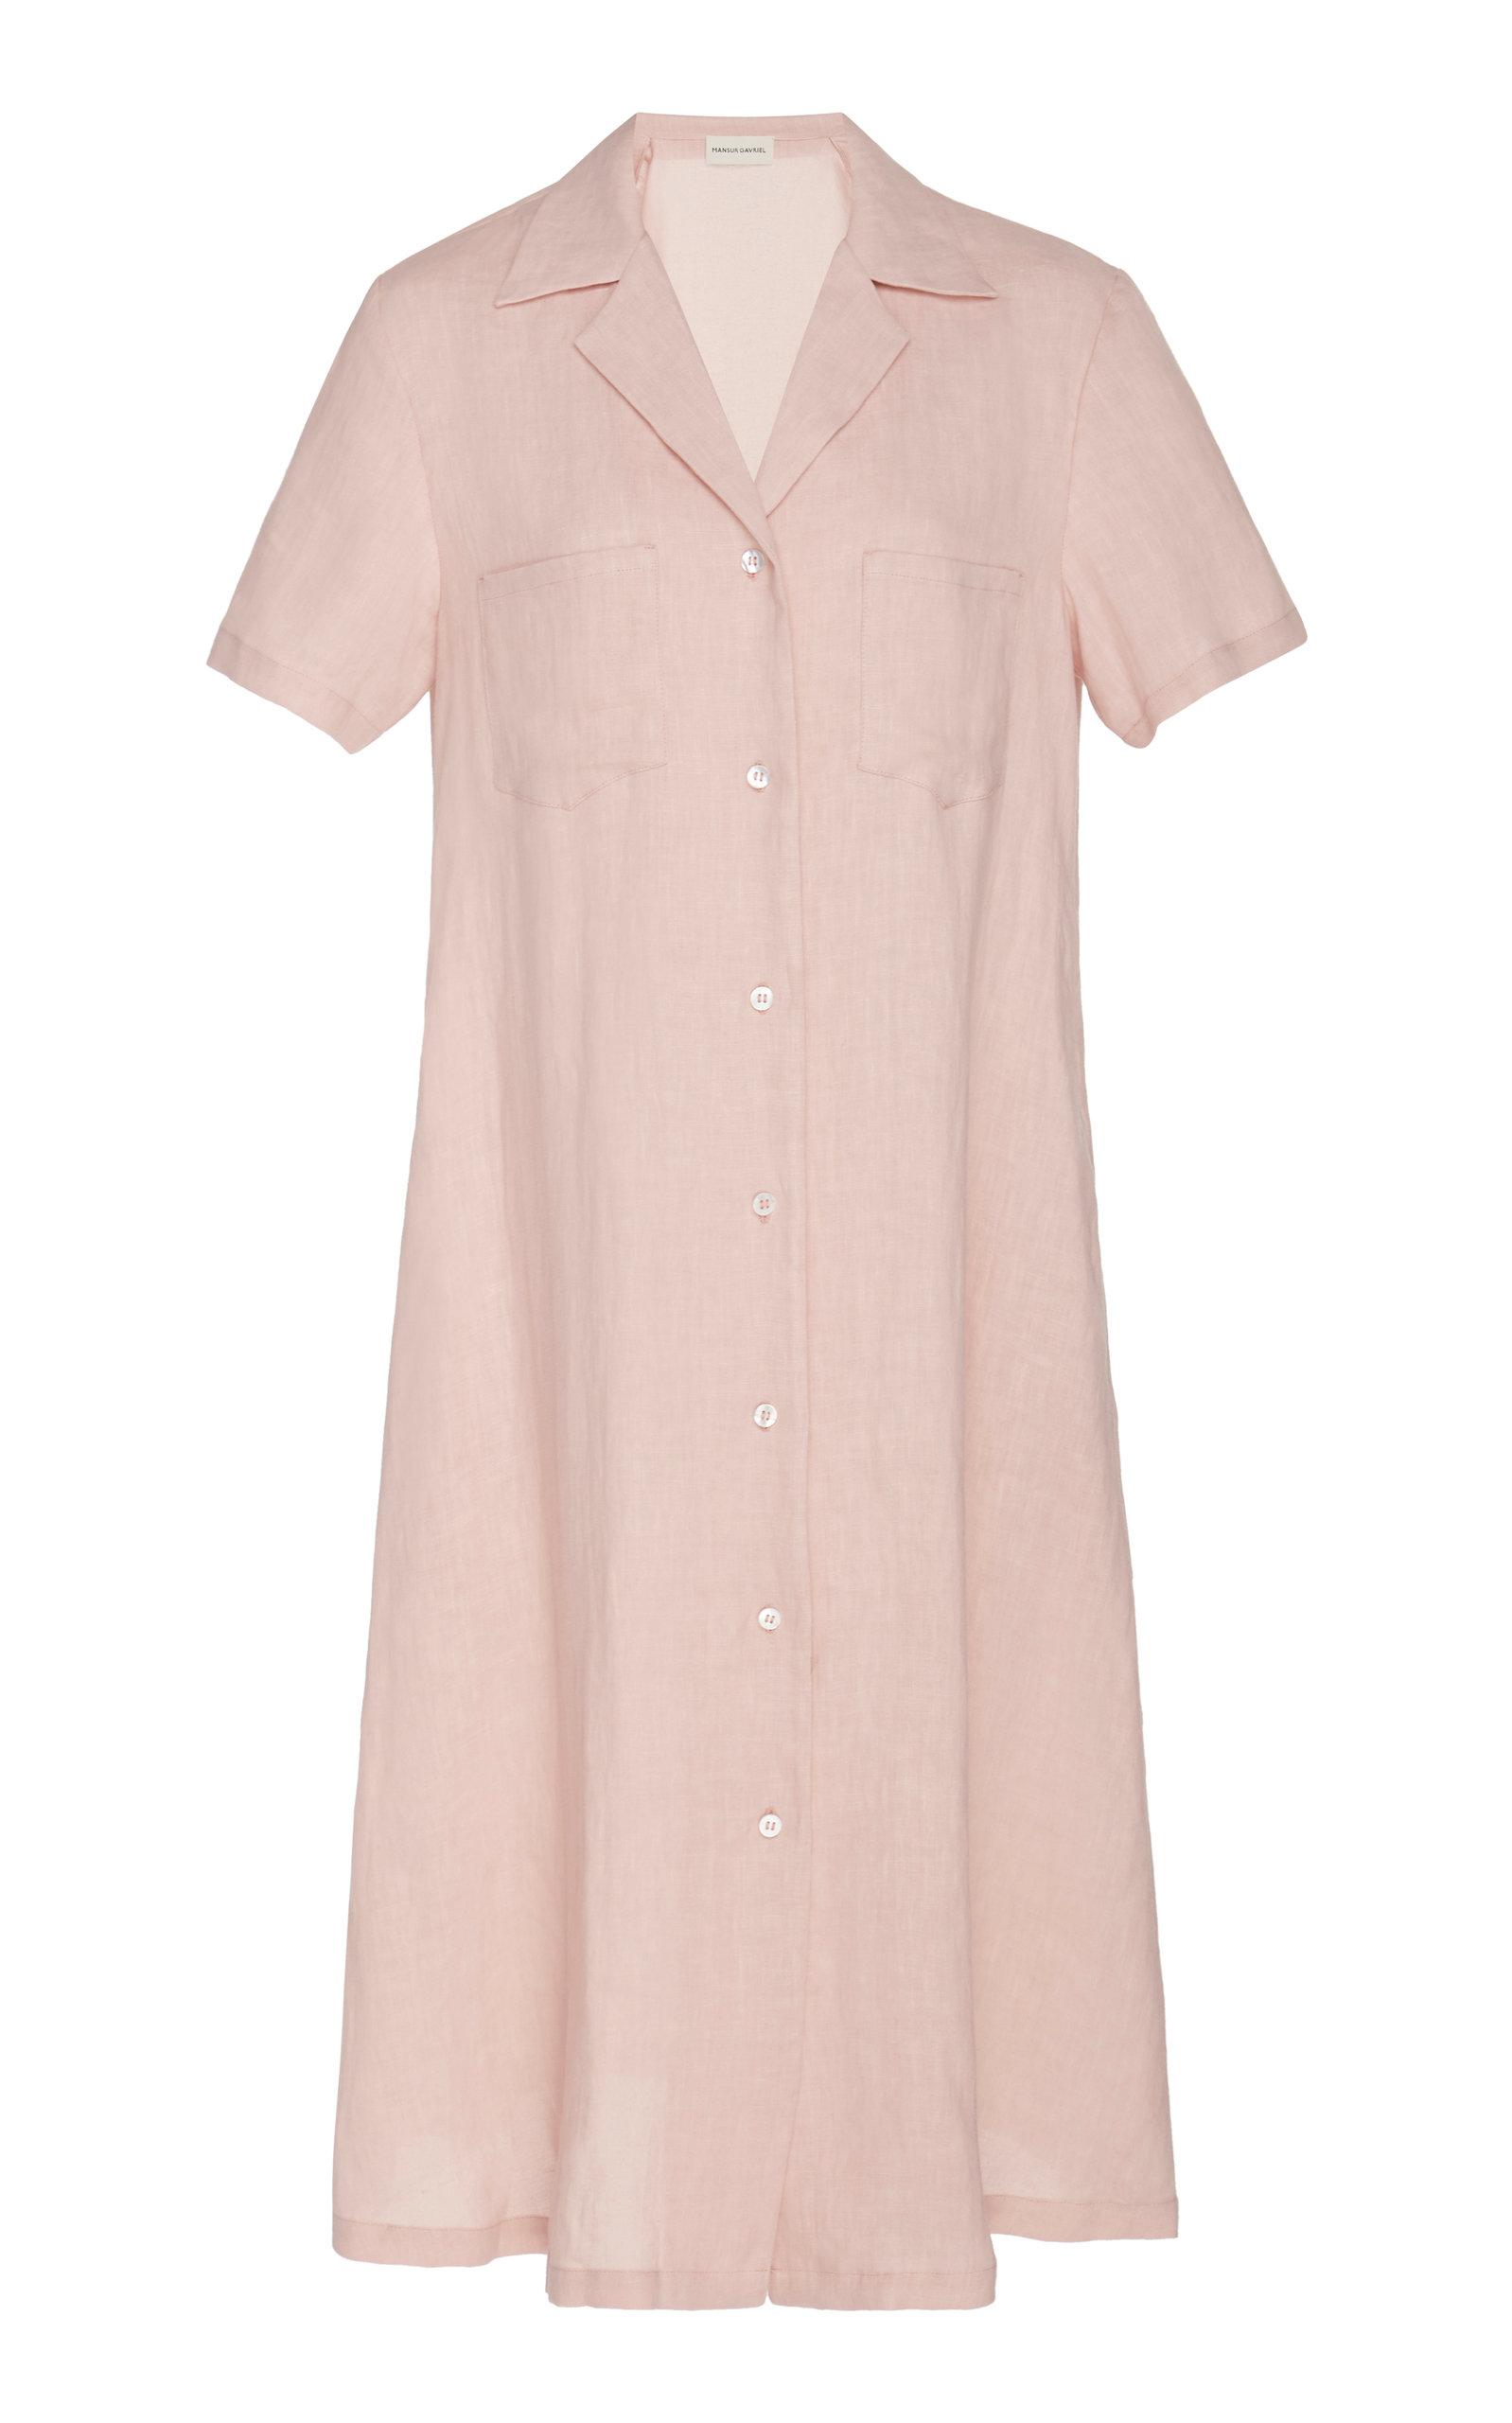 Linen Dress by Mansur Gavriel